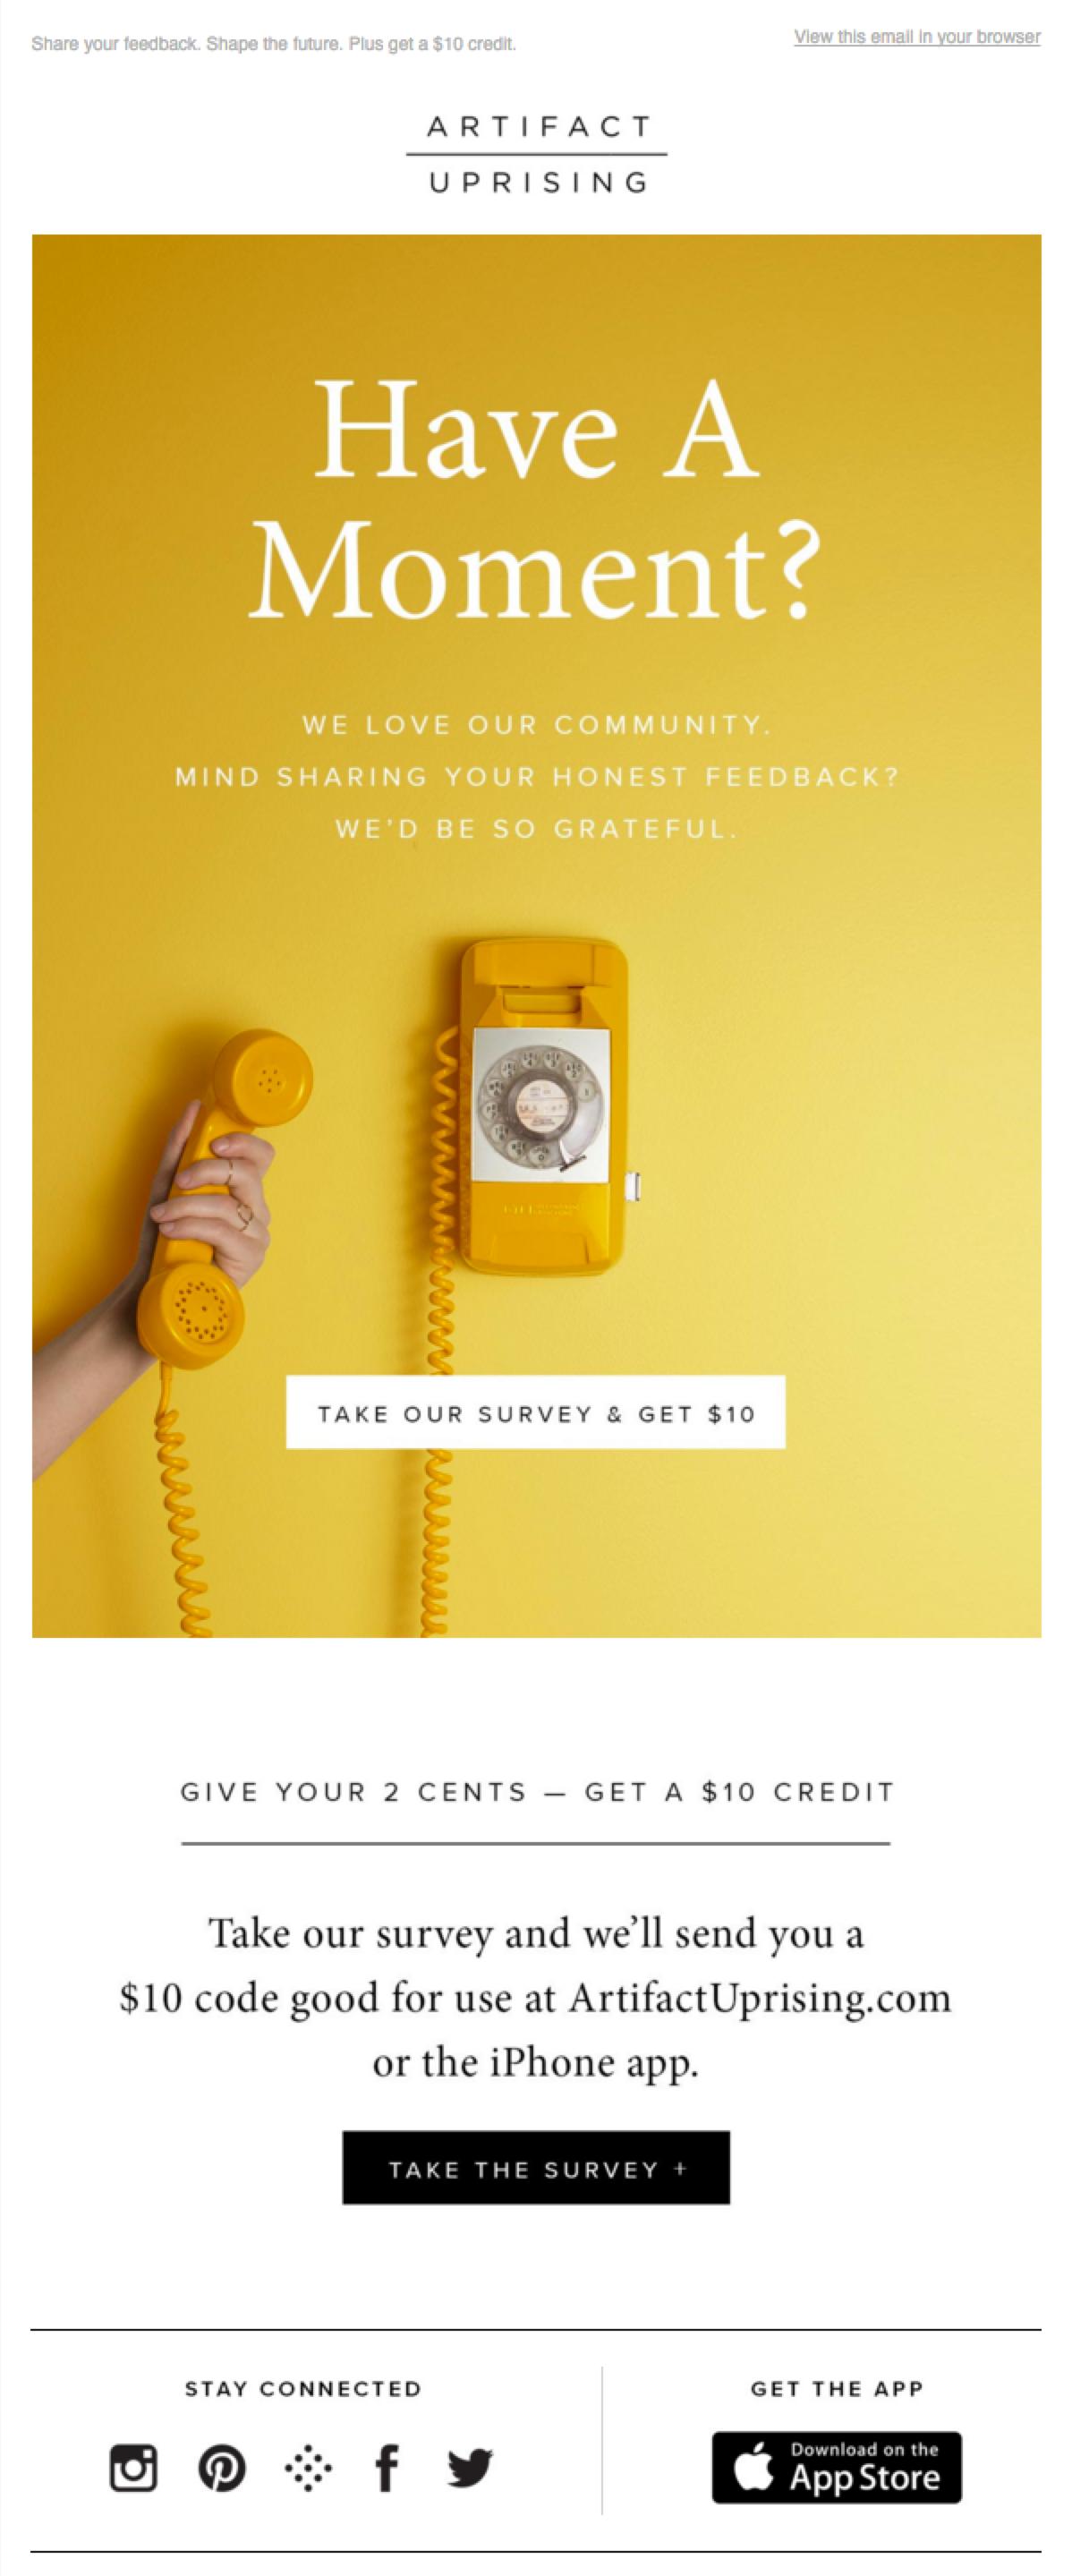 Artifact Uprising Customer Feedback Email Marketing Part 1